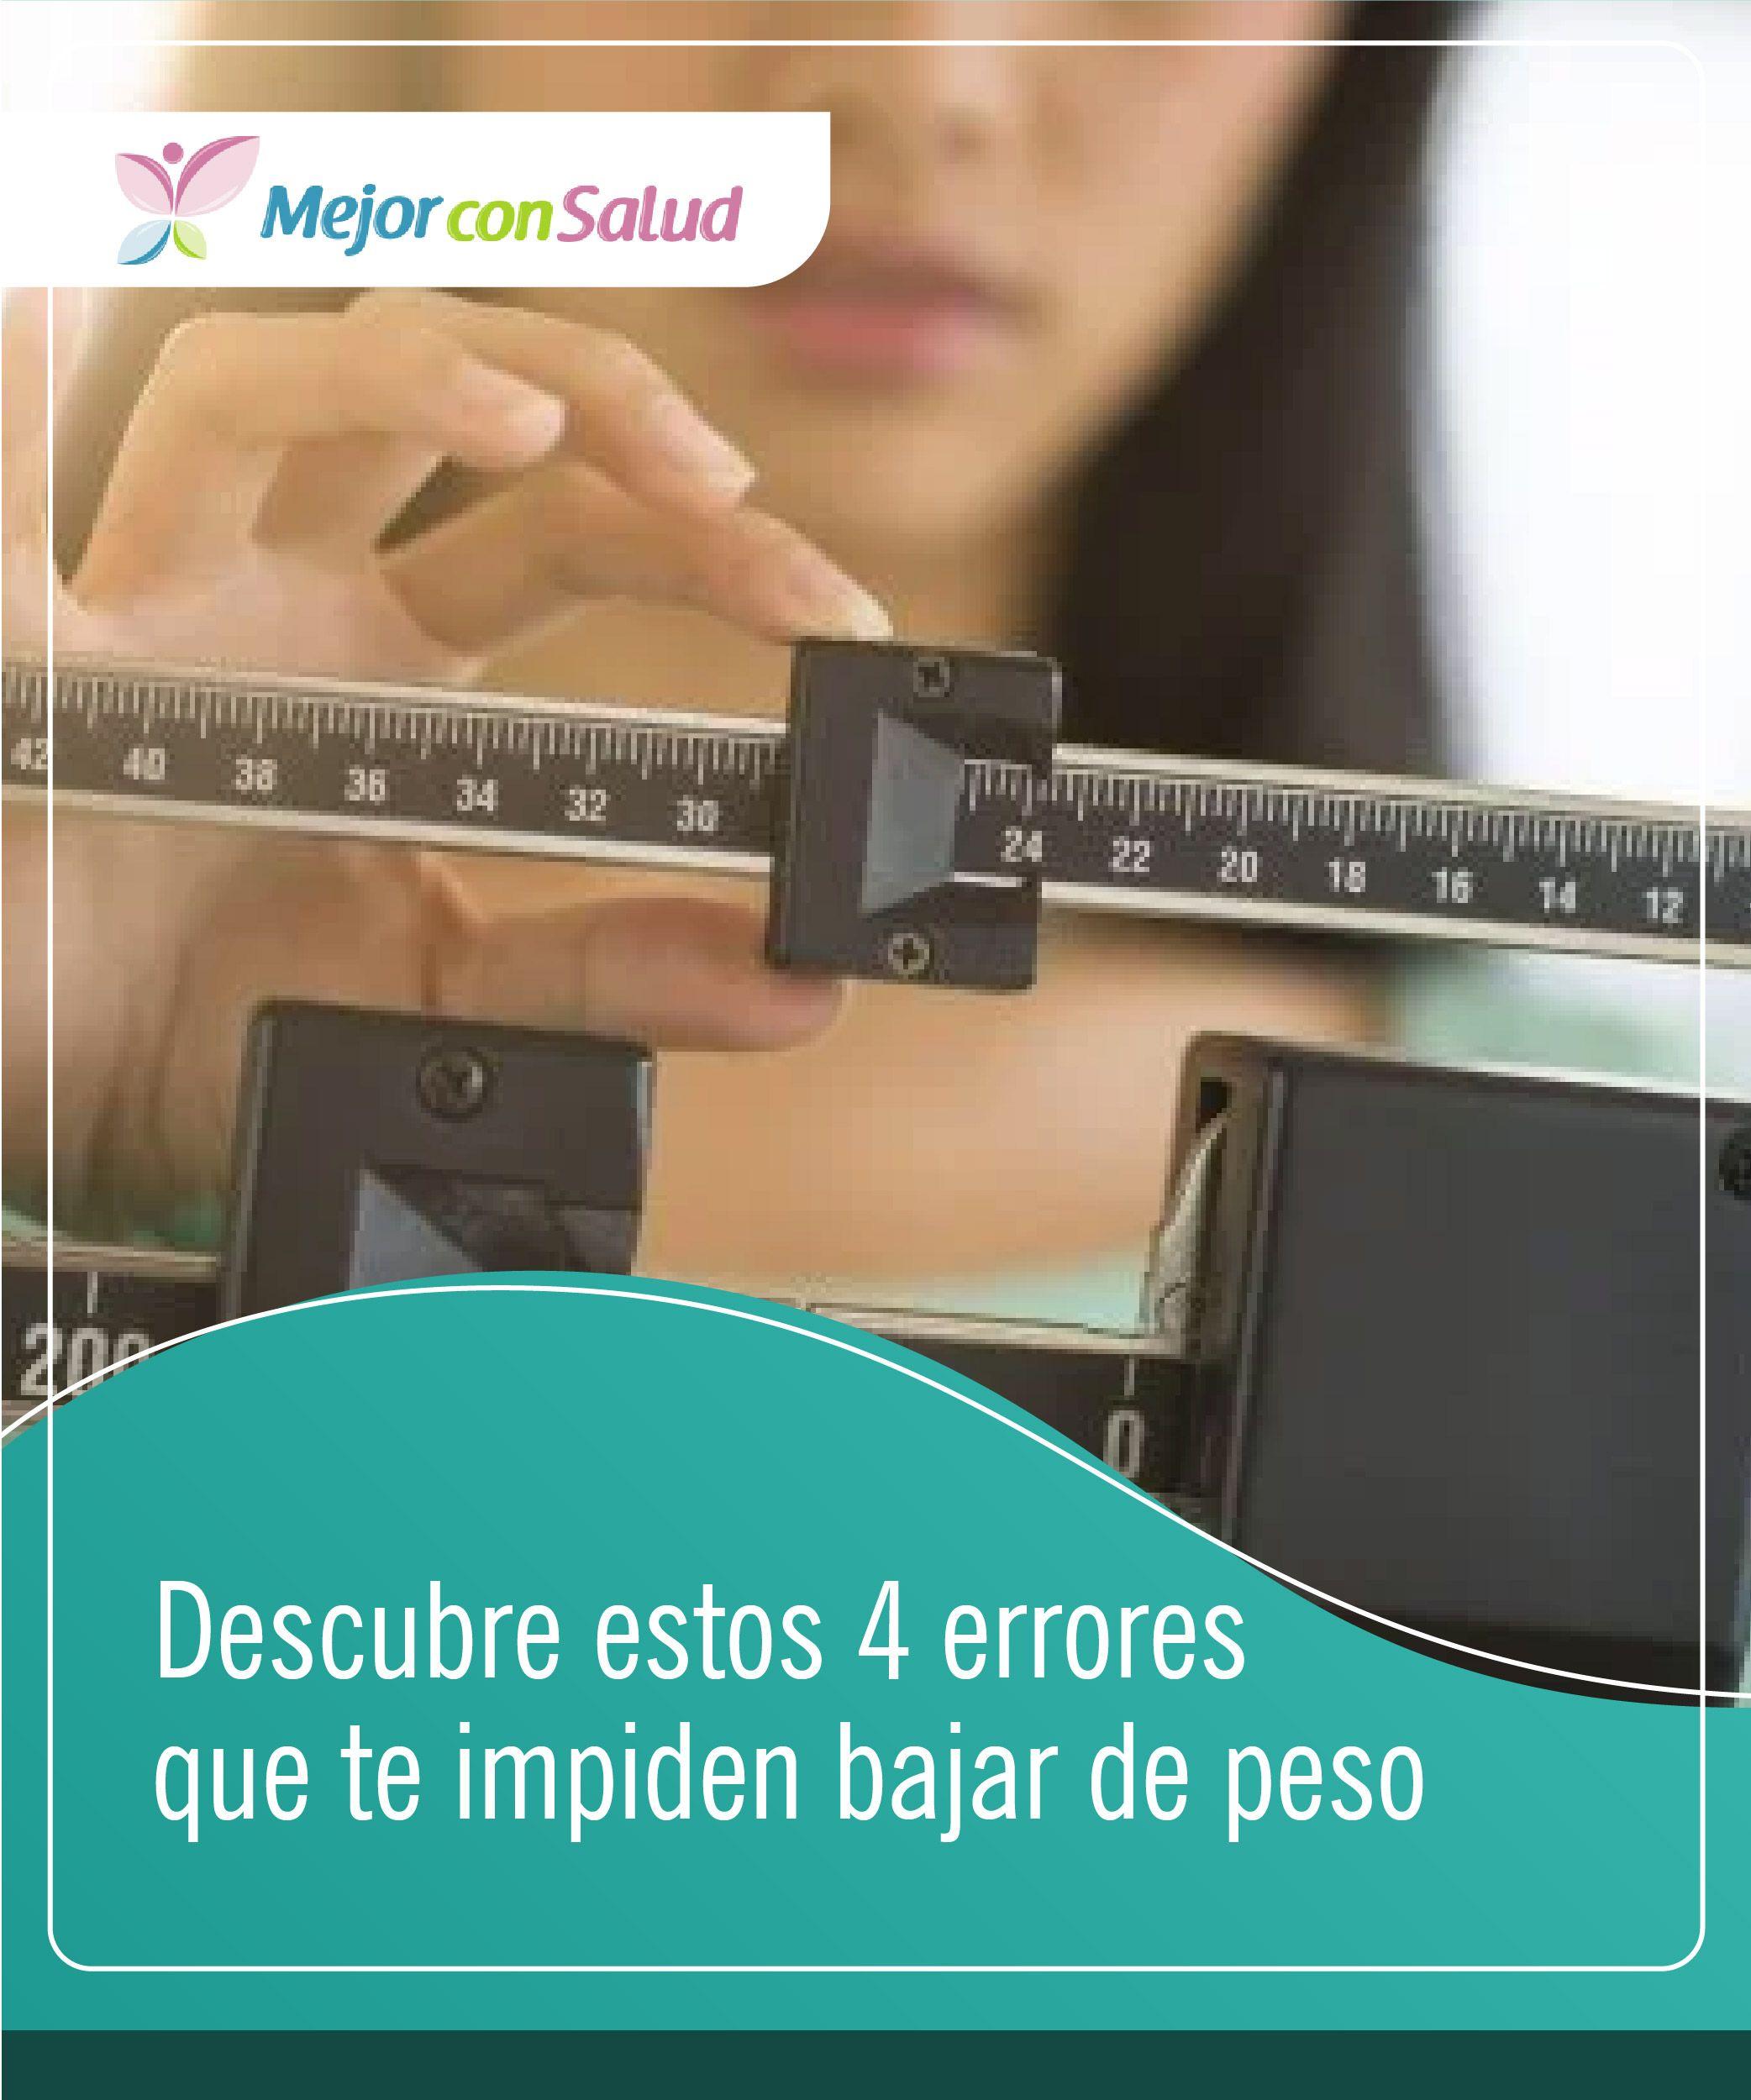 errore mas frecuentes en la perdida de peso